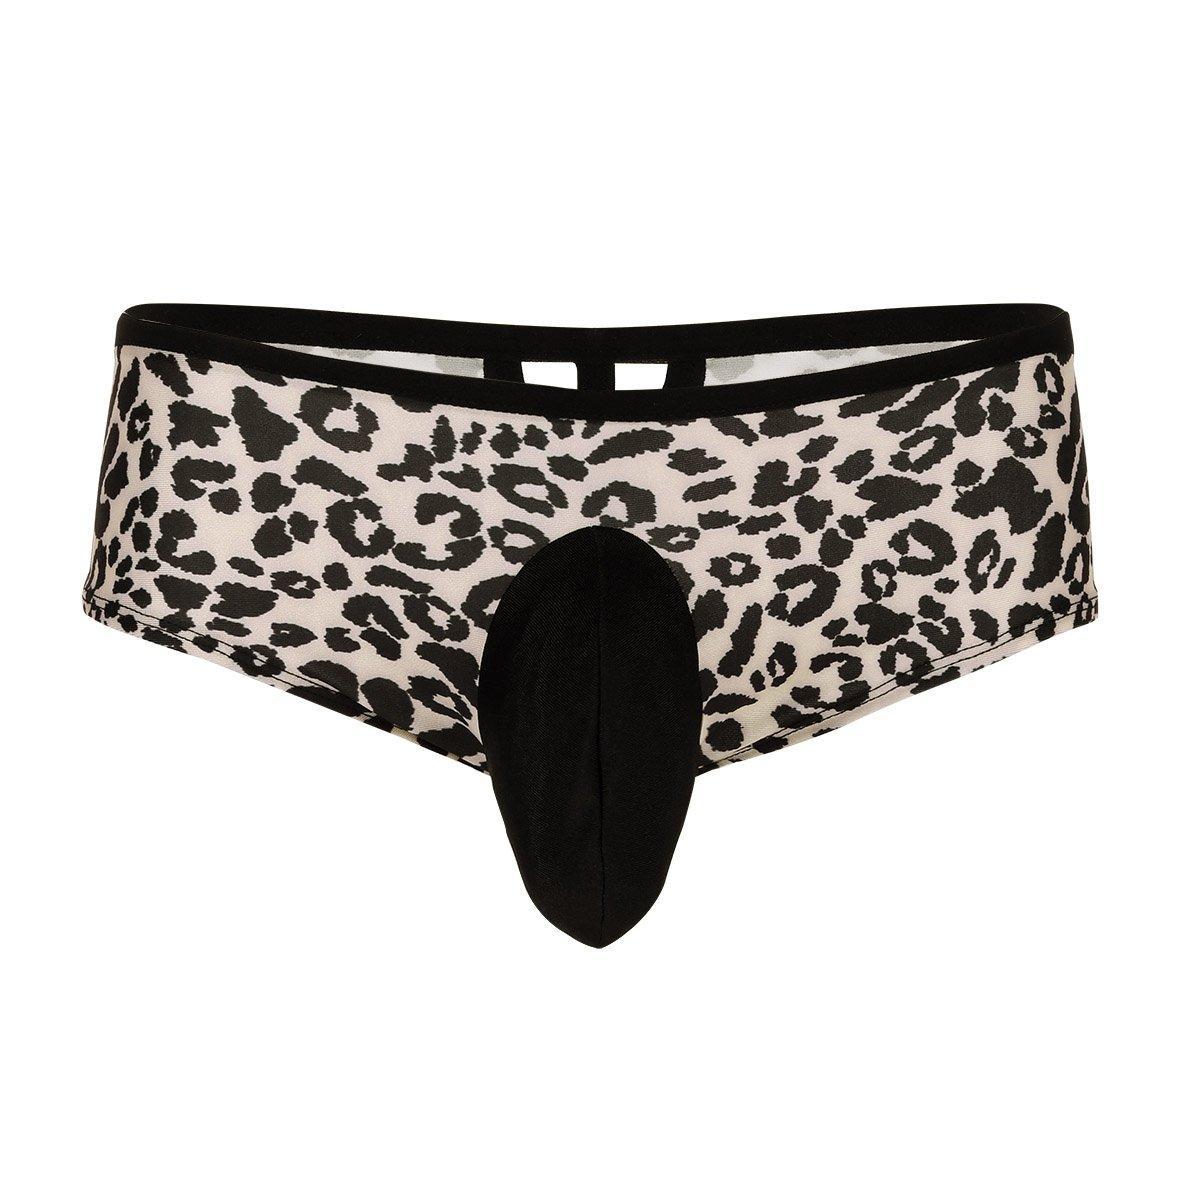 YiZYiF Sissy Pouch Men's Lingerie Floral Lace Bikini Briefs Criss Cross Jockstraps Panty (Medium(Waist:28.0-42.0''/72-106cm), Leopard)